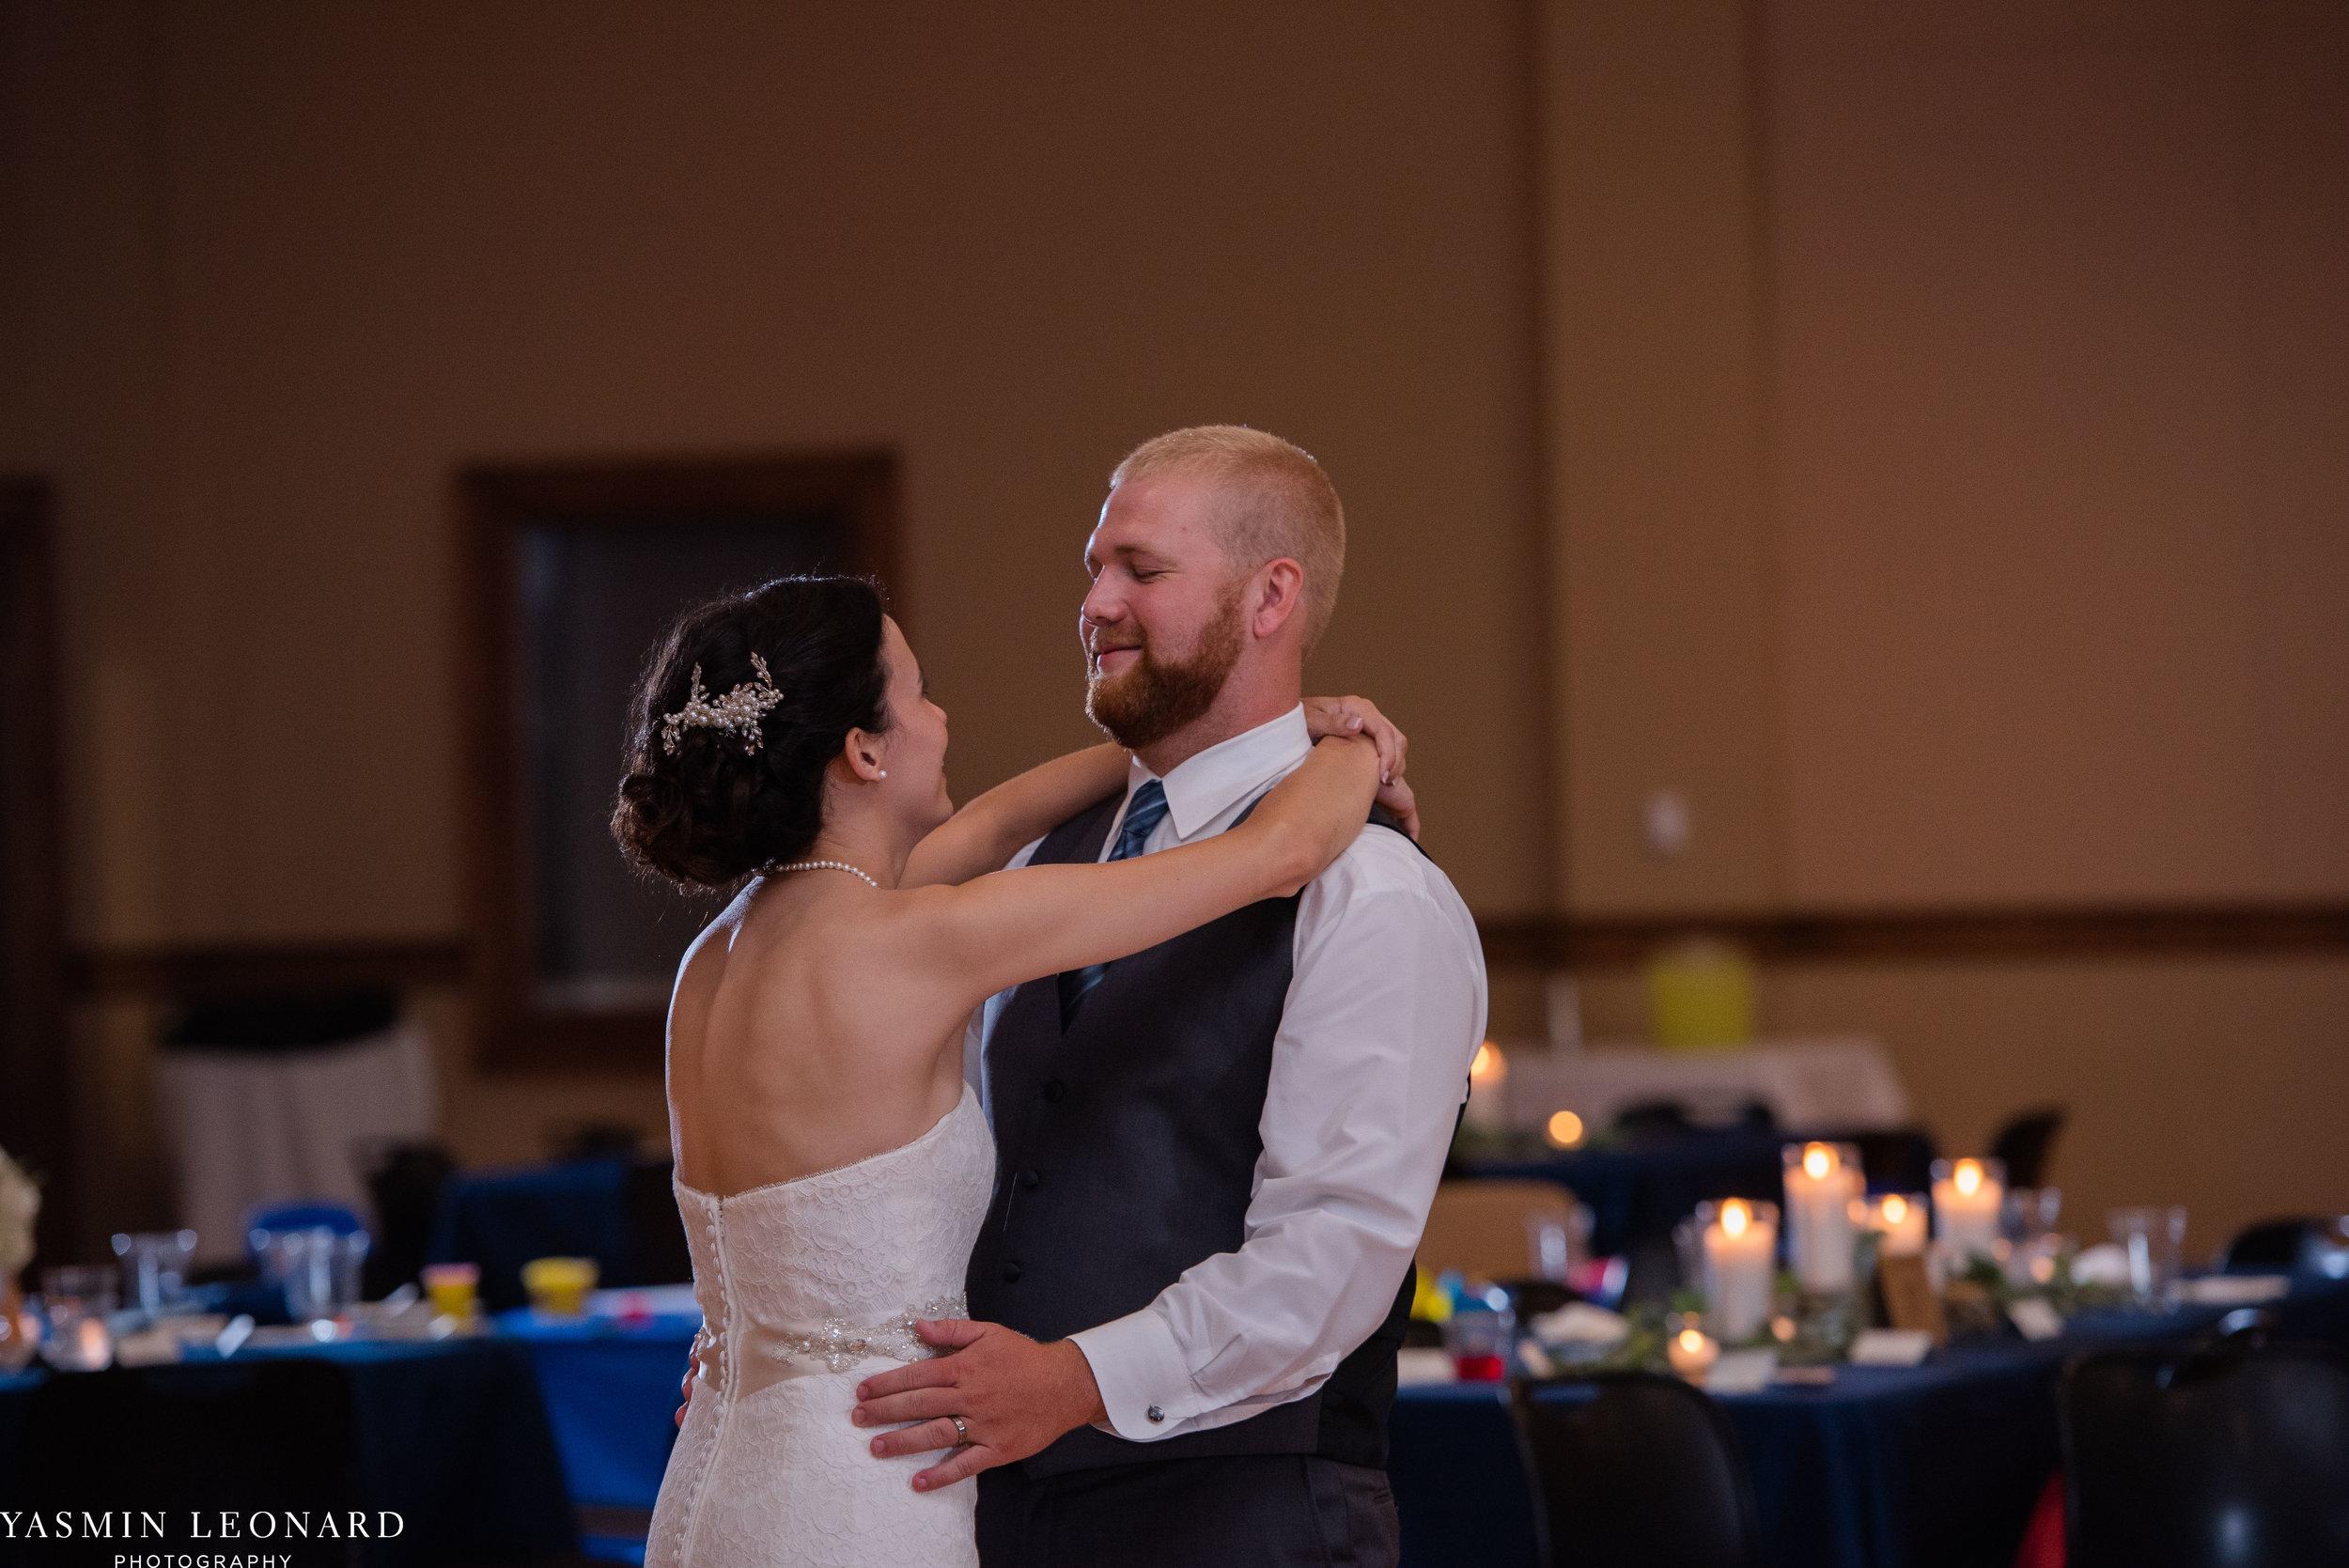 Mt. Pleasant Church - Church Wedding - Traditional Wedding - Church Ceremony - Country Wedding - Godly Wedding - NC Wedding Photographer - High Point Weddings - Triad Weddings - NC Venues-56.jpg